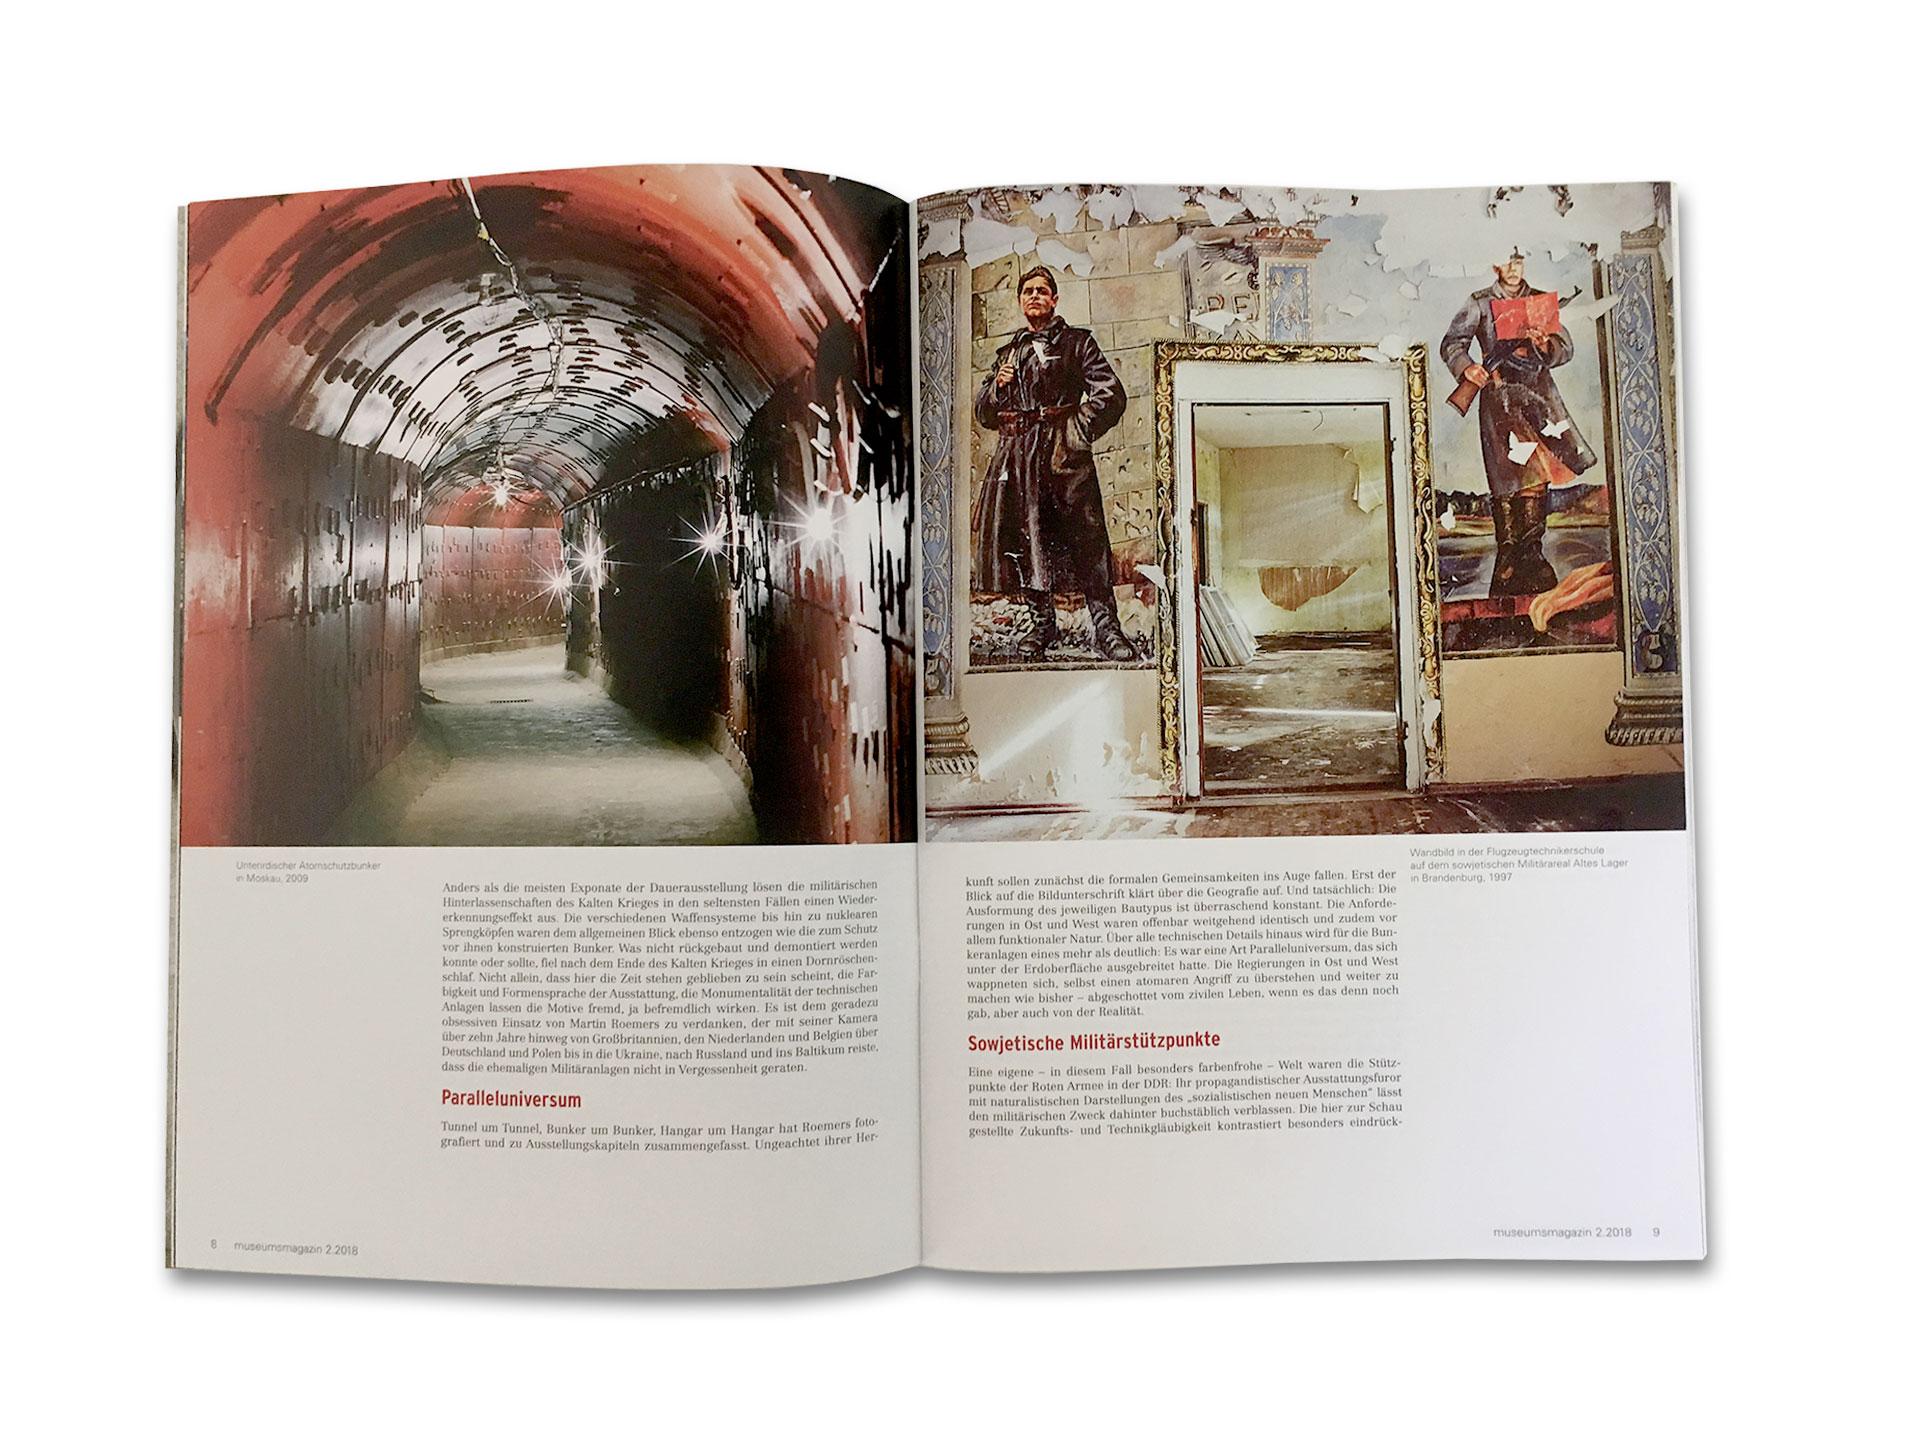 Innenseite des neuen Museumsmagazin 2.2018 für das Haus der Geschichte. Relikte des Kalten Krieges. Konzept und Gestaltung durch Schleiner + Partner